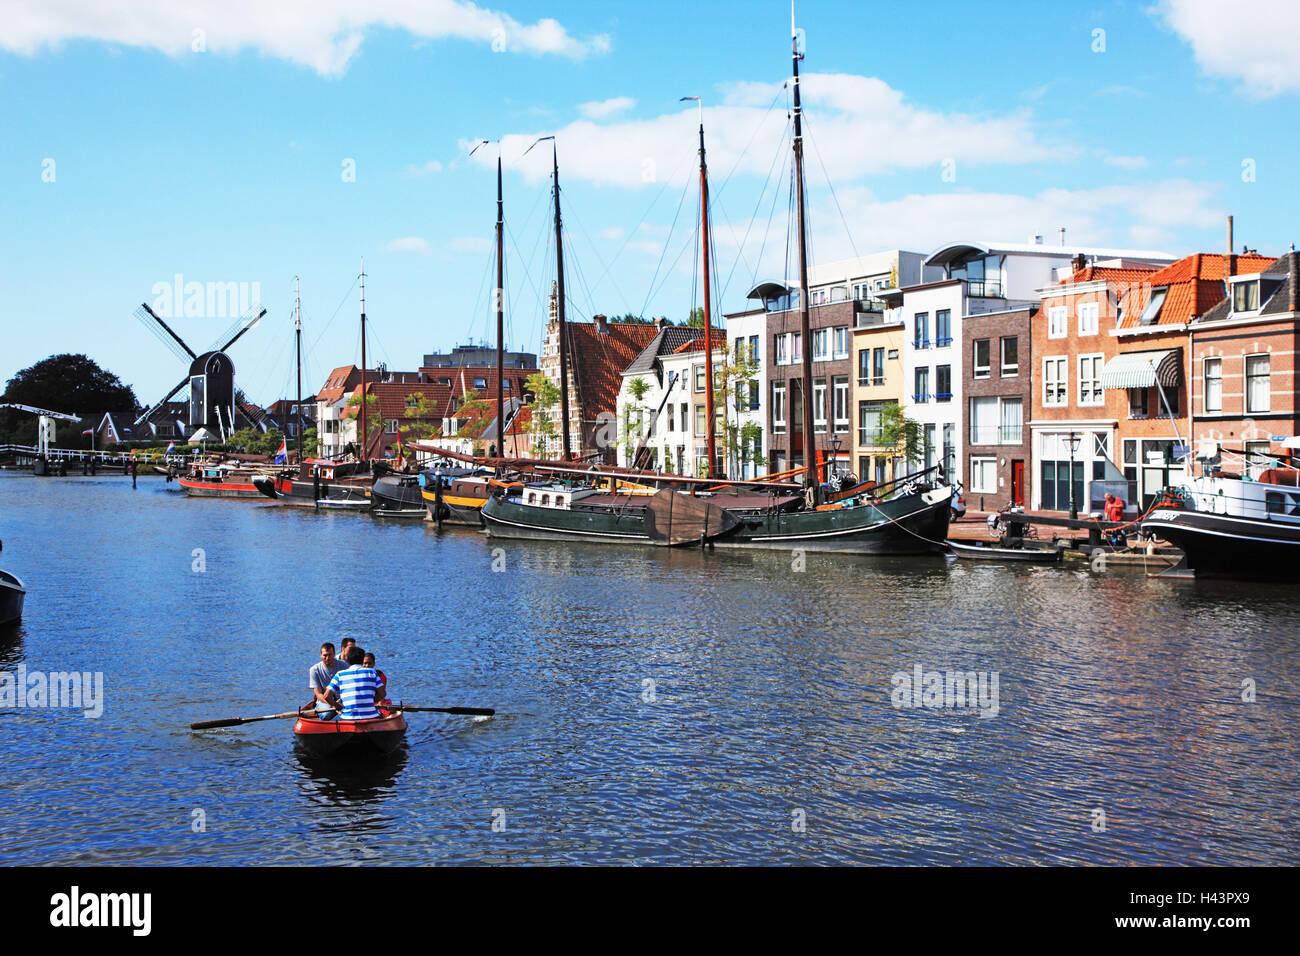 Den Niederlanden, Beschwerden, Blick auf die Stadt, Hafen, Stiefel, Stockbild